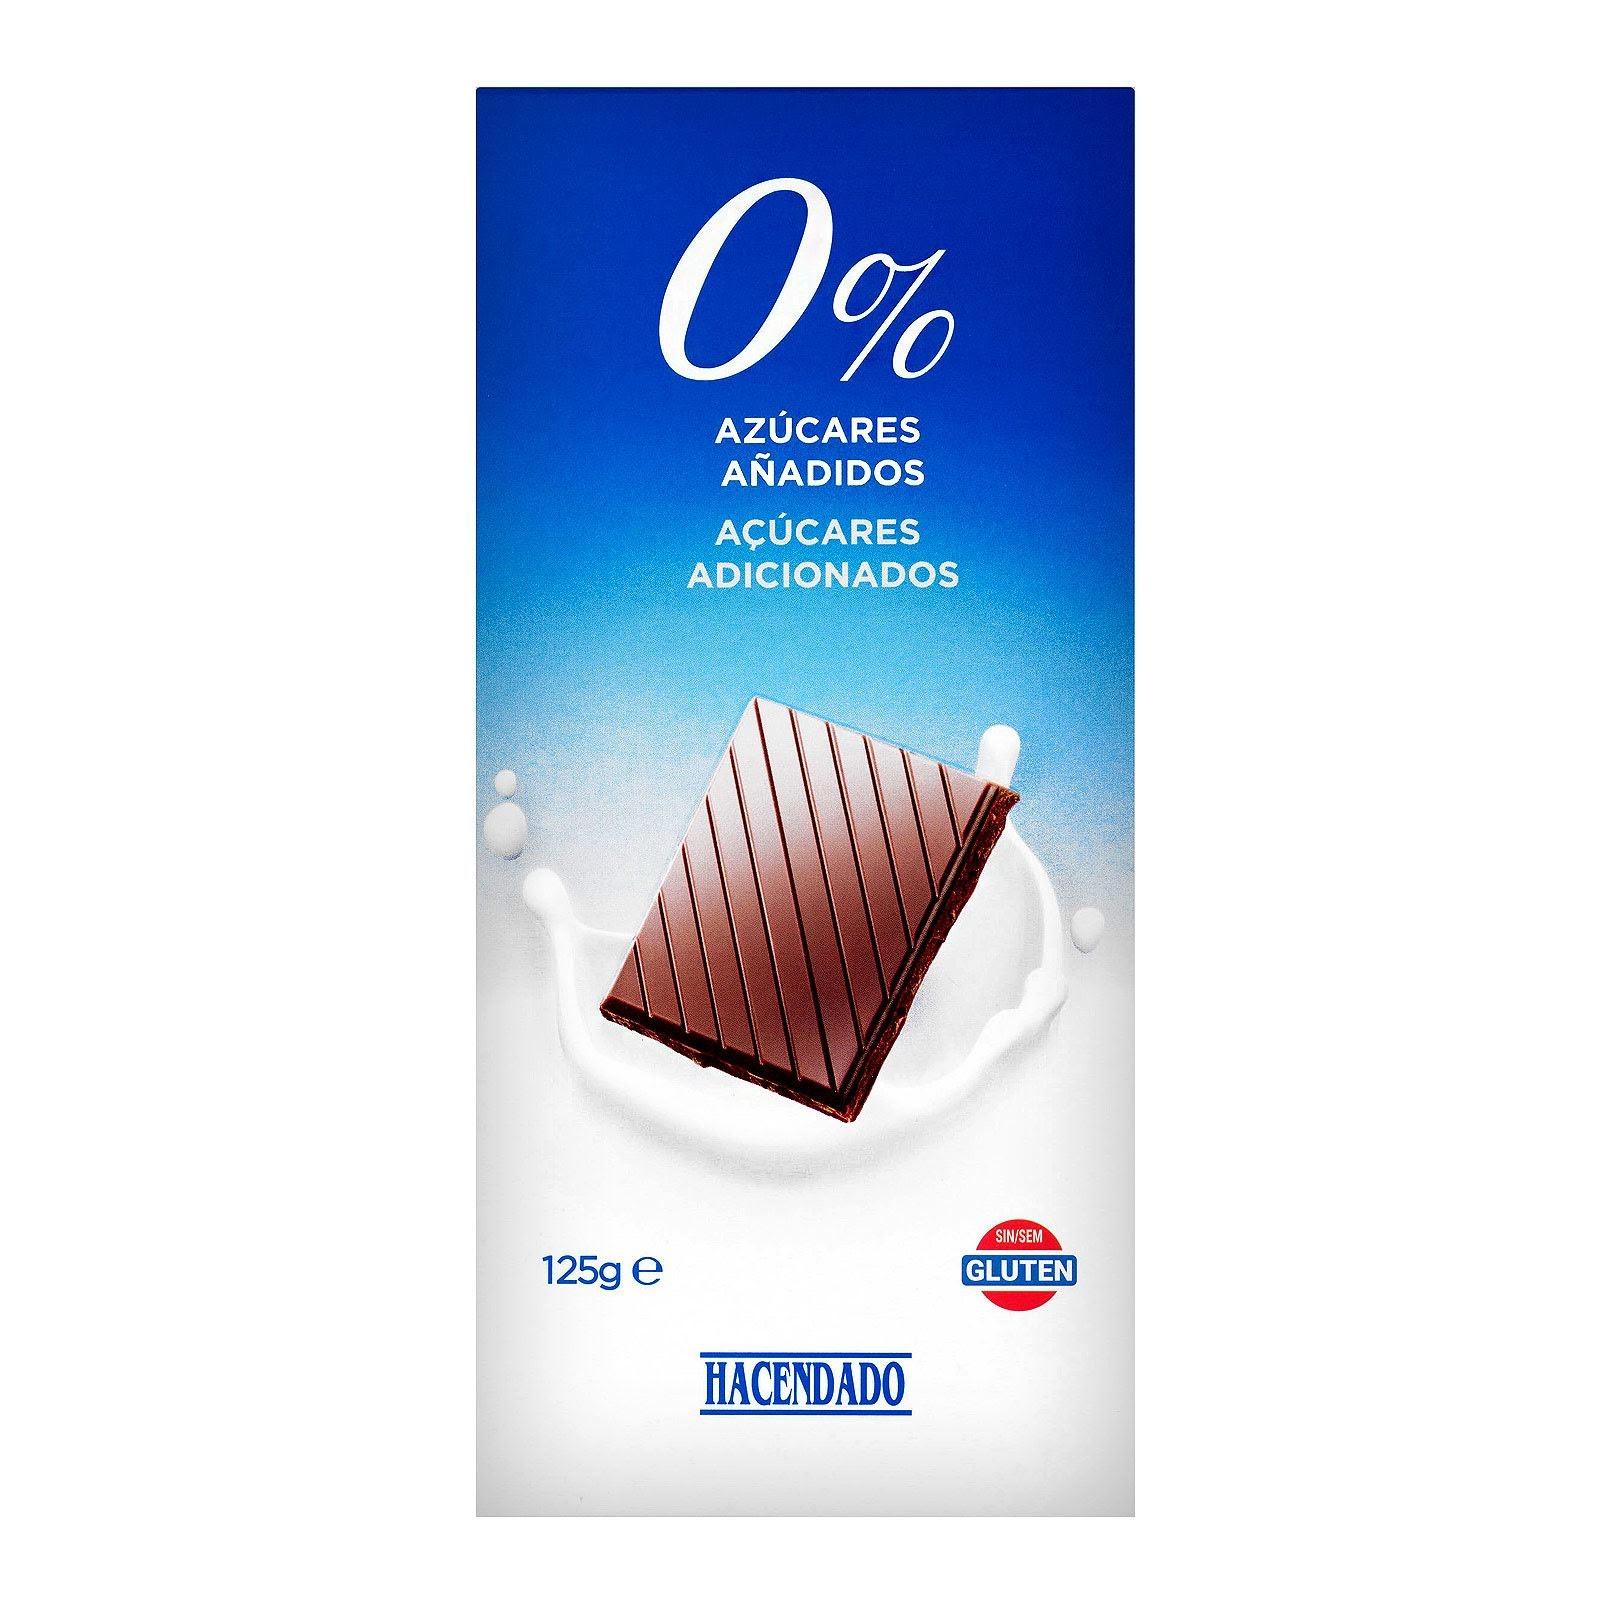 chocolate extrafino 0% con leche y edulcorante Mercadona